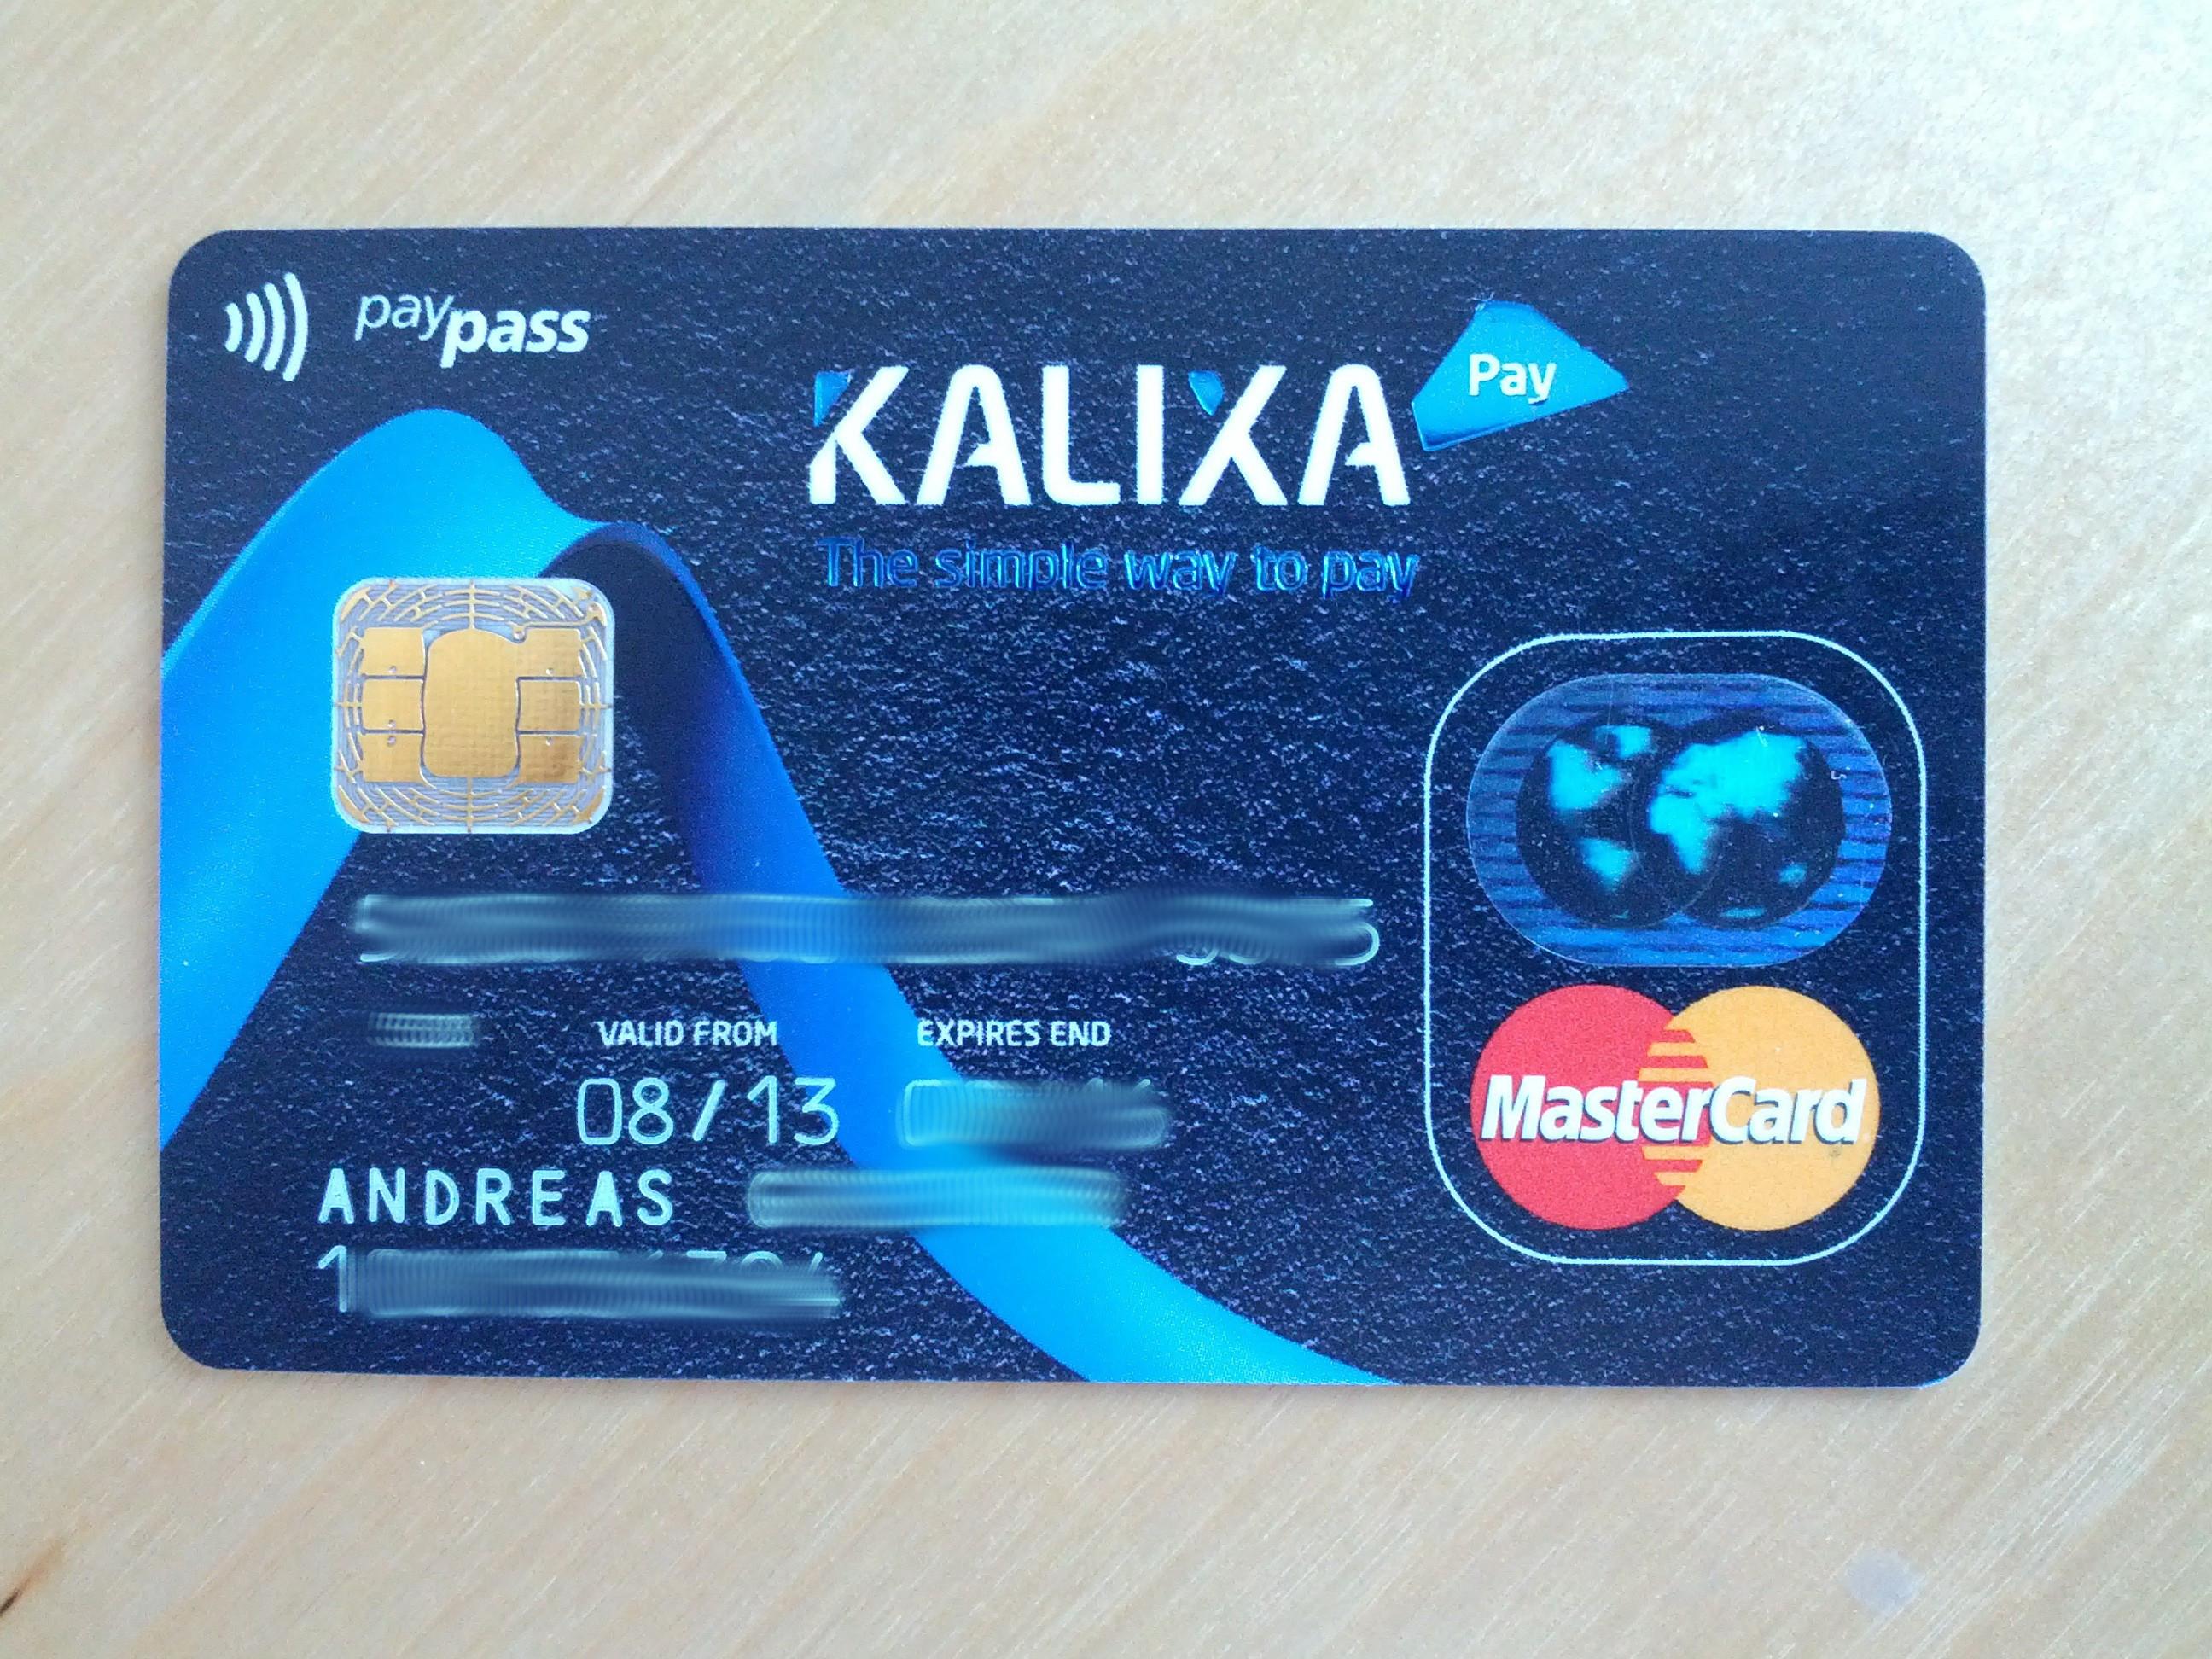 virtuelle kreditkarte mit paysafecard aufladen